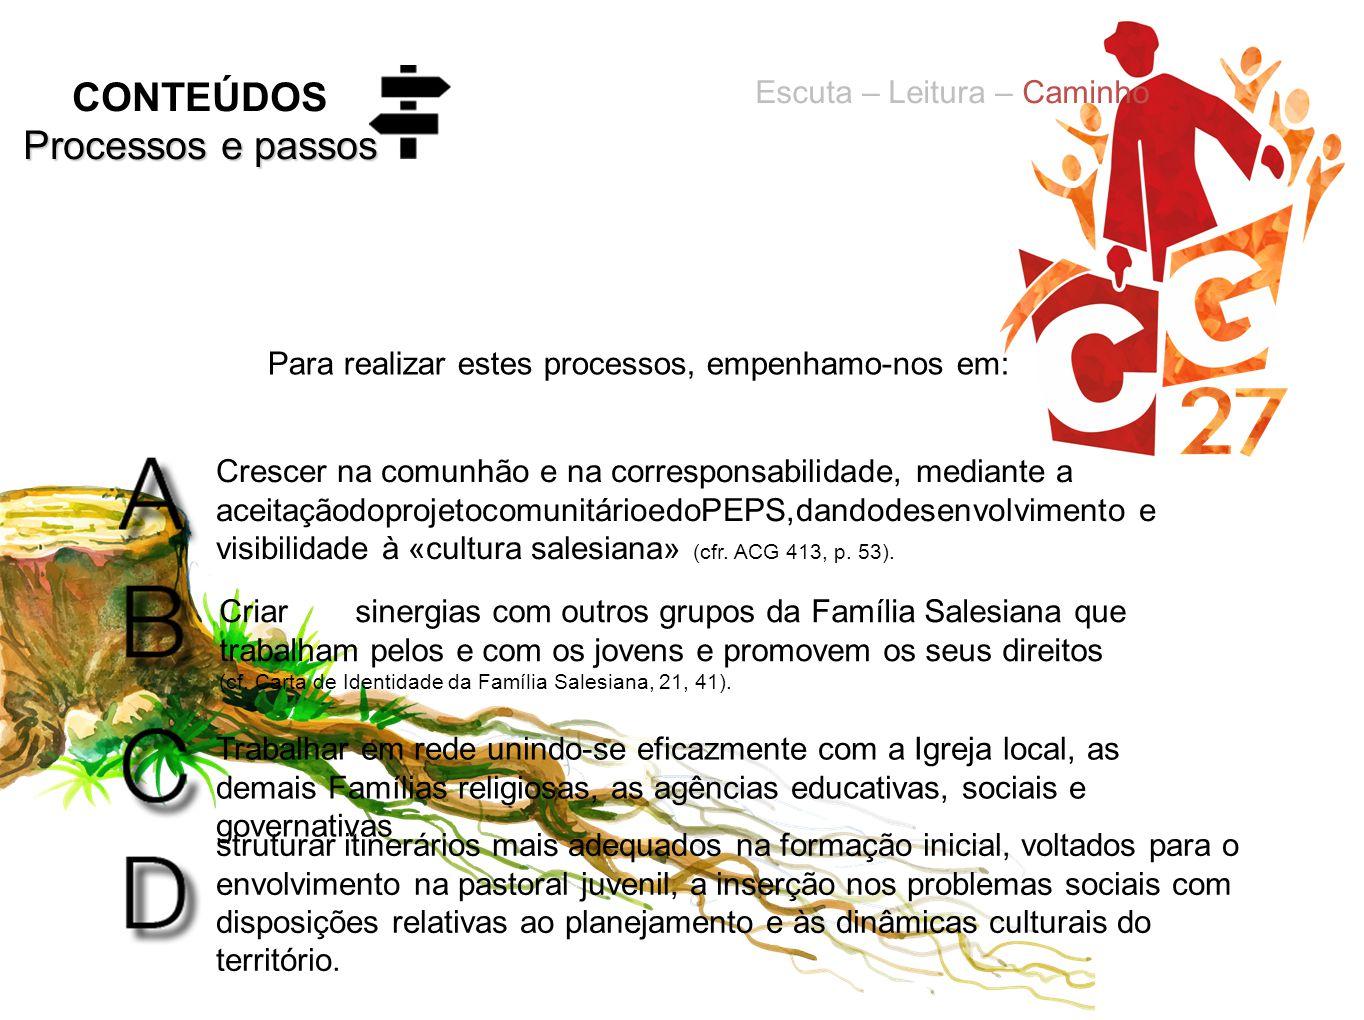 Crescer na comunhão e na corresponsabilidade, mediante a aceitaçãodoprojetocomunitárioedoPEPS,dandodesenvolvimento e visibilidade à «cultura salesiana